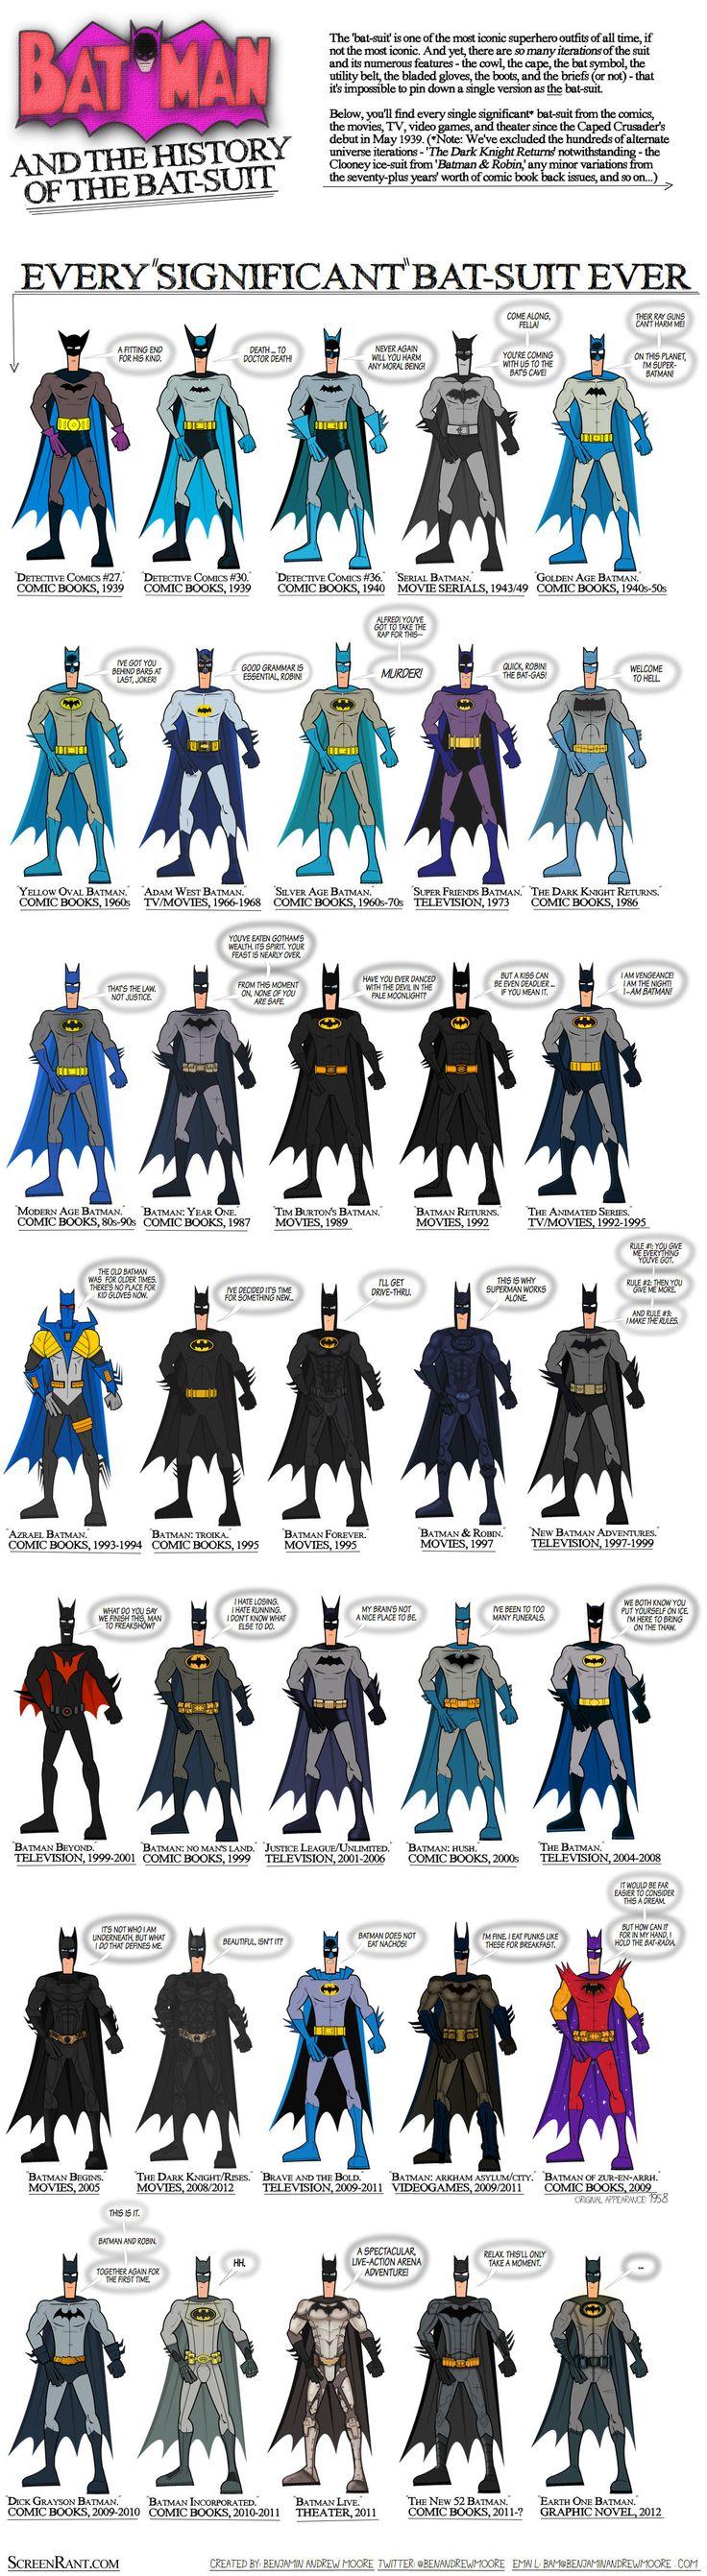 Historia de los trajes de Batman